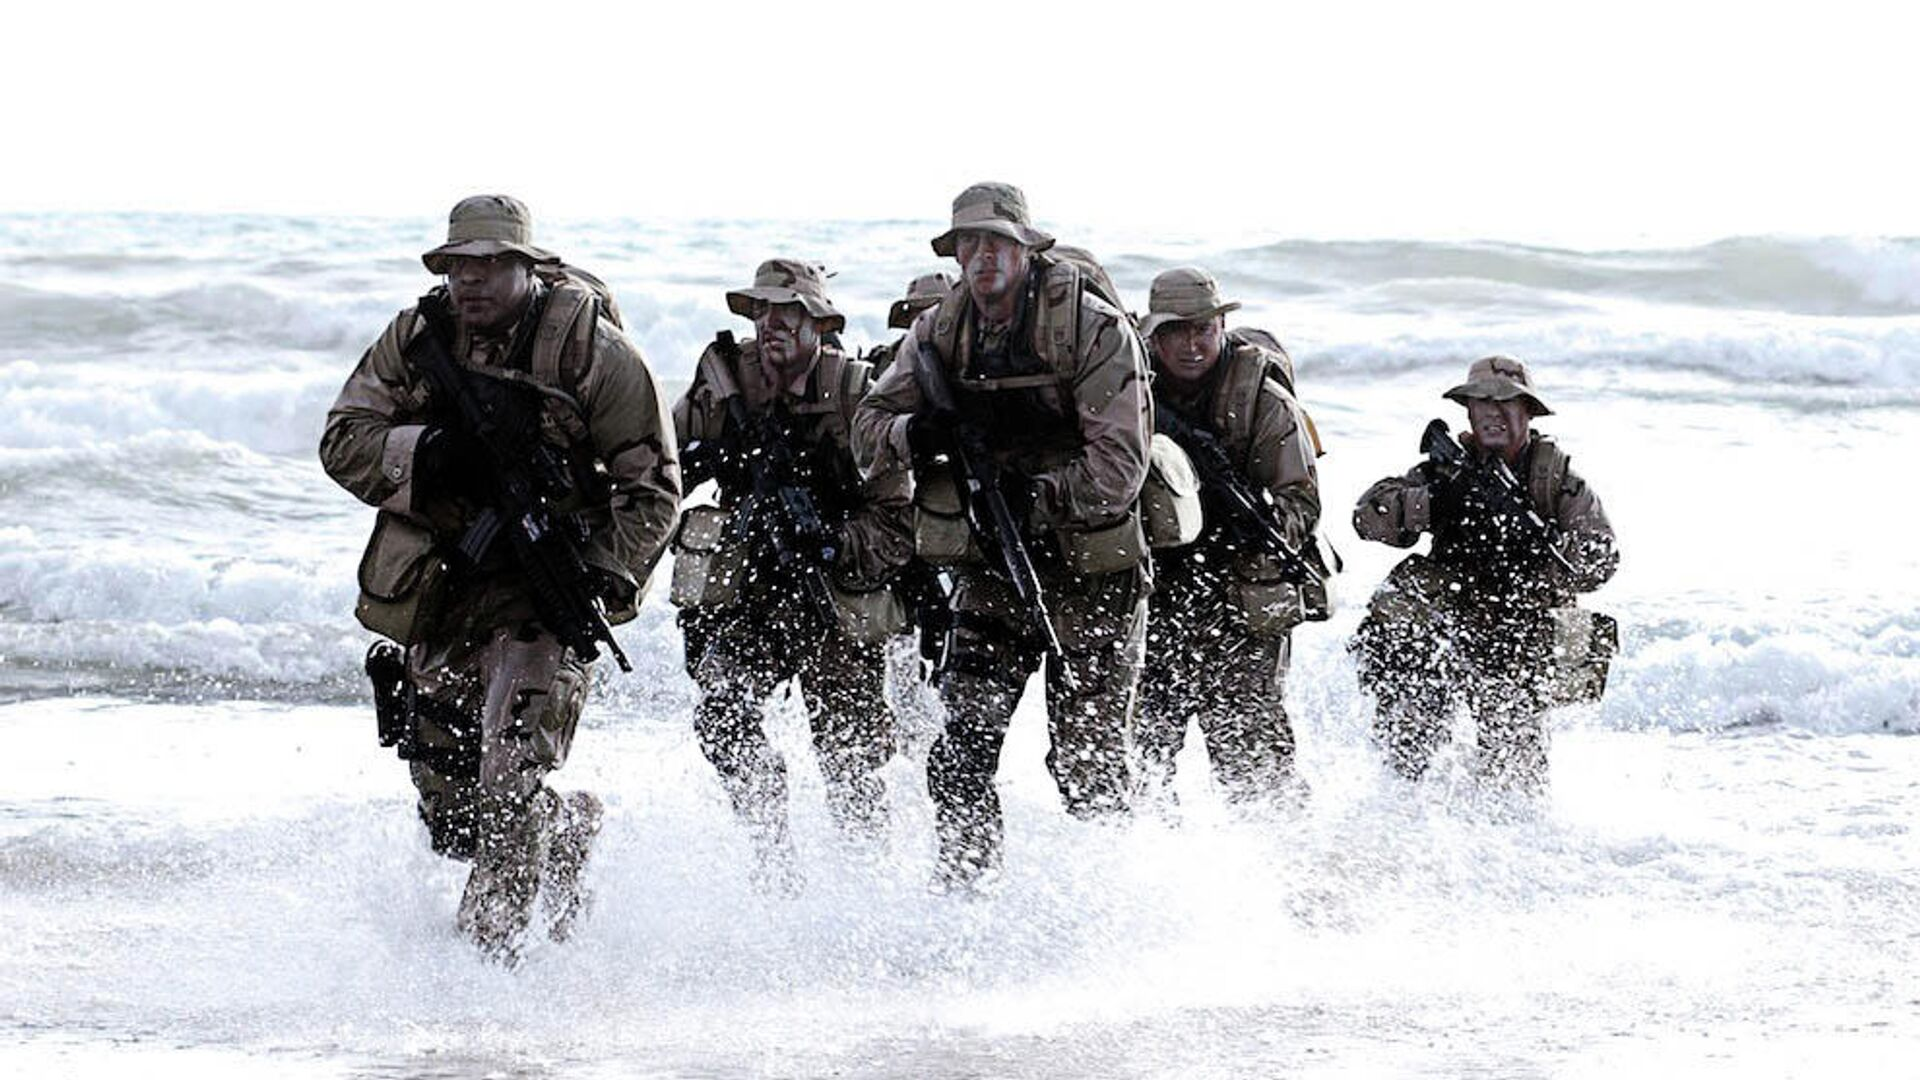 Бойцы спецназа Navy SEAL (США) - РИА Новости, 1920, 21.05.2021